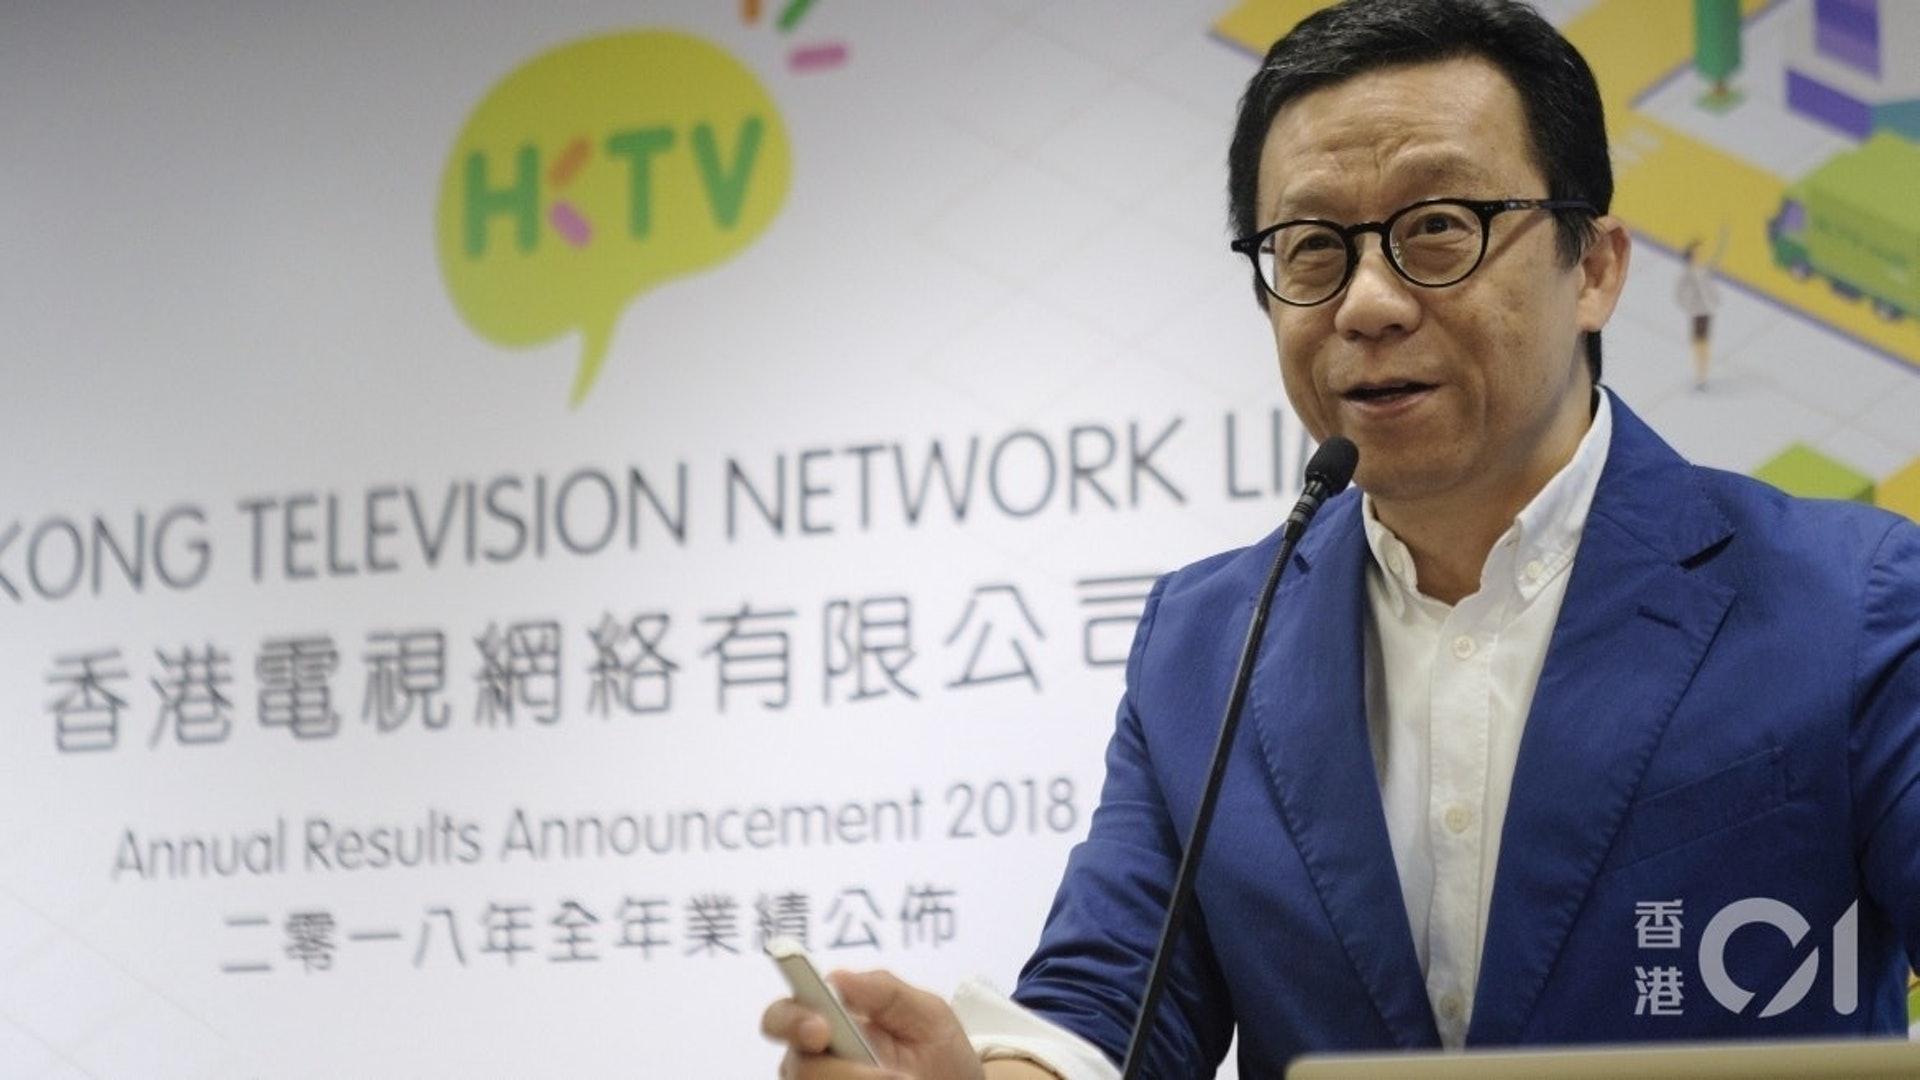 王維基旗下的電商香港電視網絡有限公司,申領3,274萬元。(資料圖片)